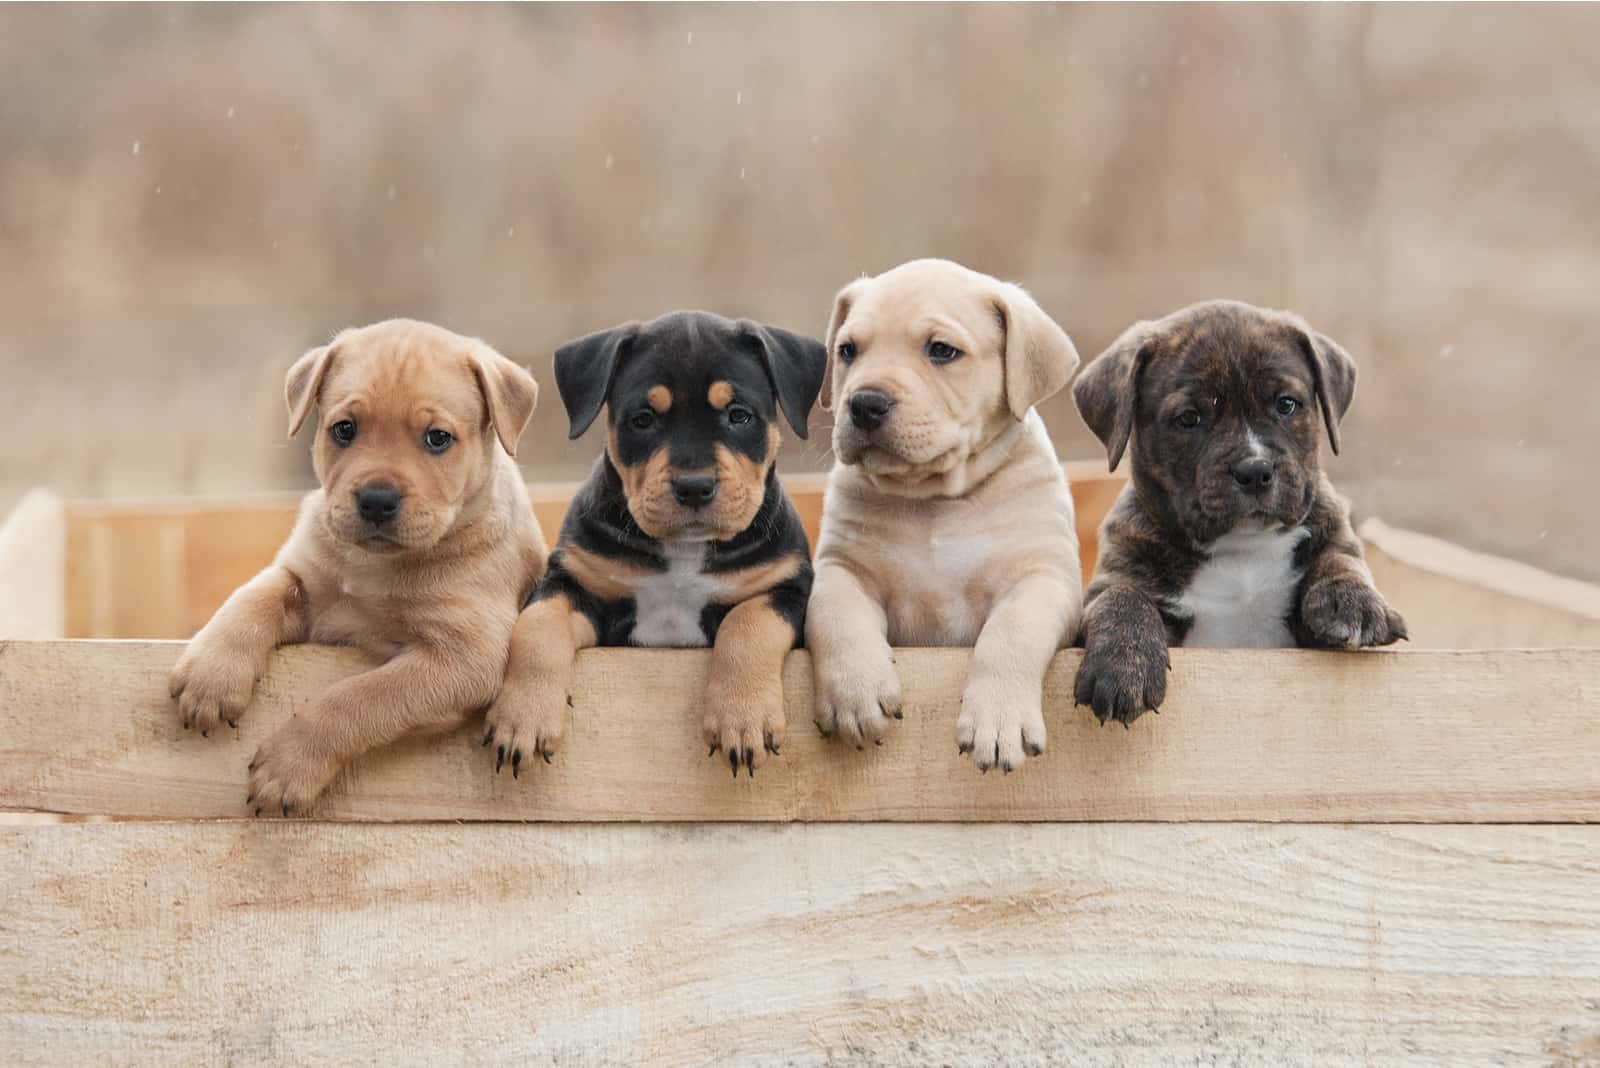 Amerikanische Staffordshire Terrier Welpen sitzen in einer Box